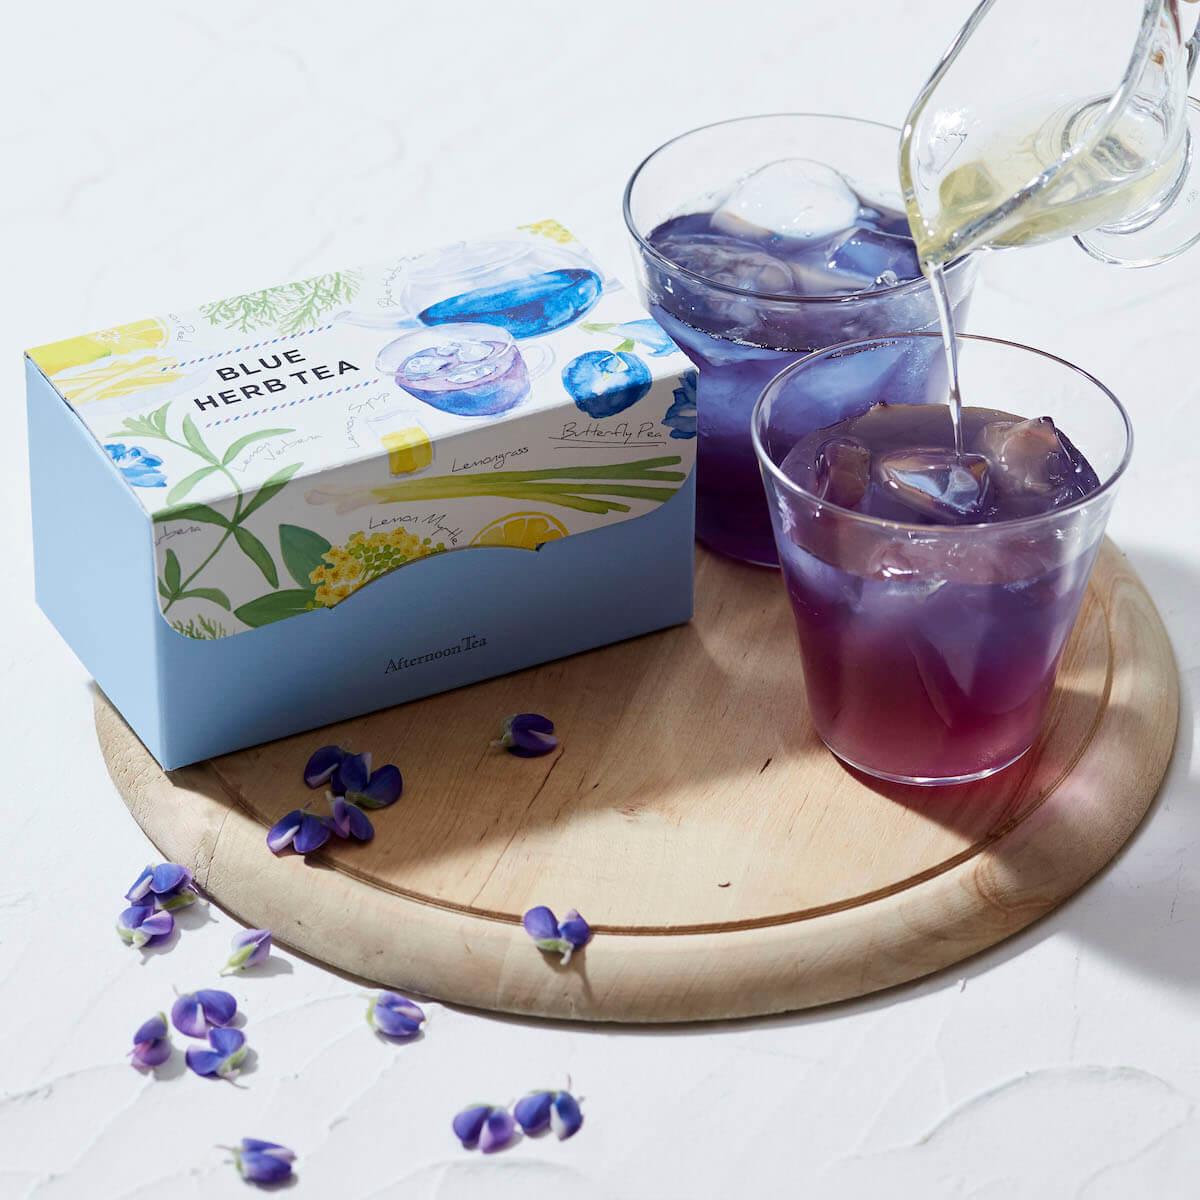 アフタヌーンティー・ティールームにて、ピンクとブルーのハーブティーセット2種を5月30日から数量限定で発売! gourmet190522afternoontea_1